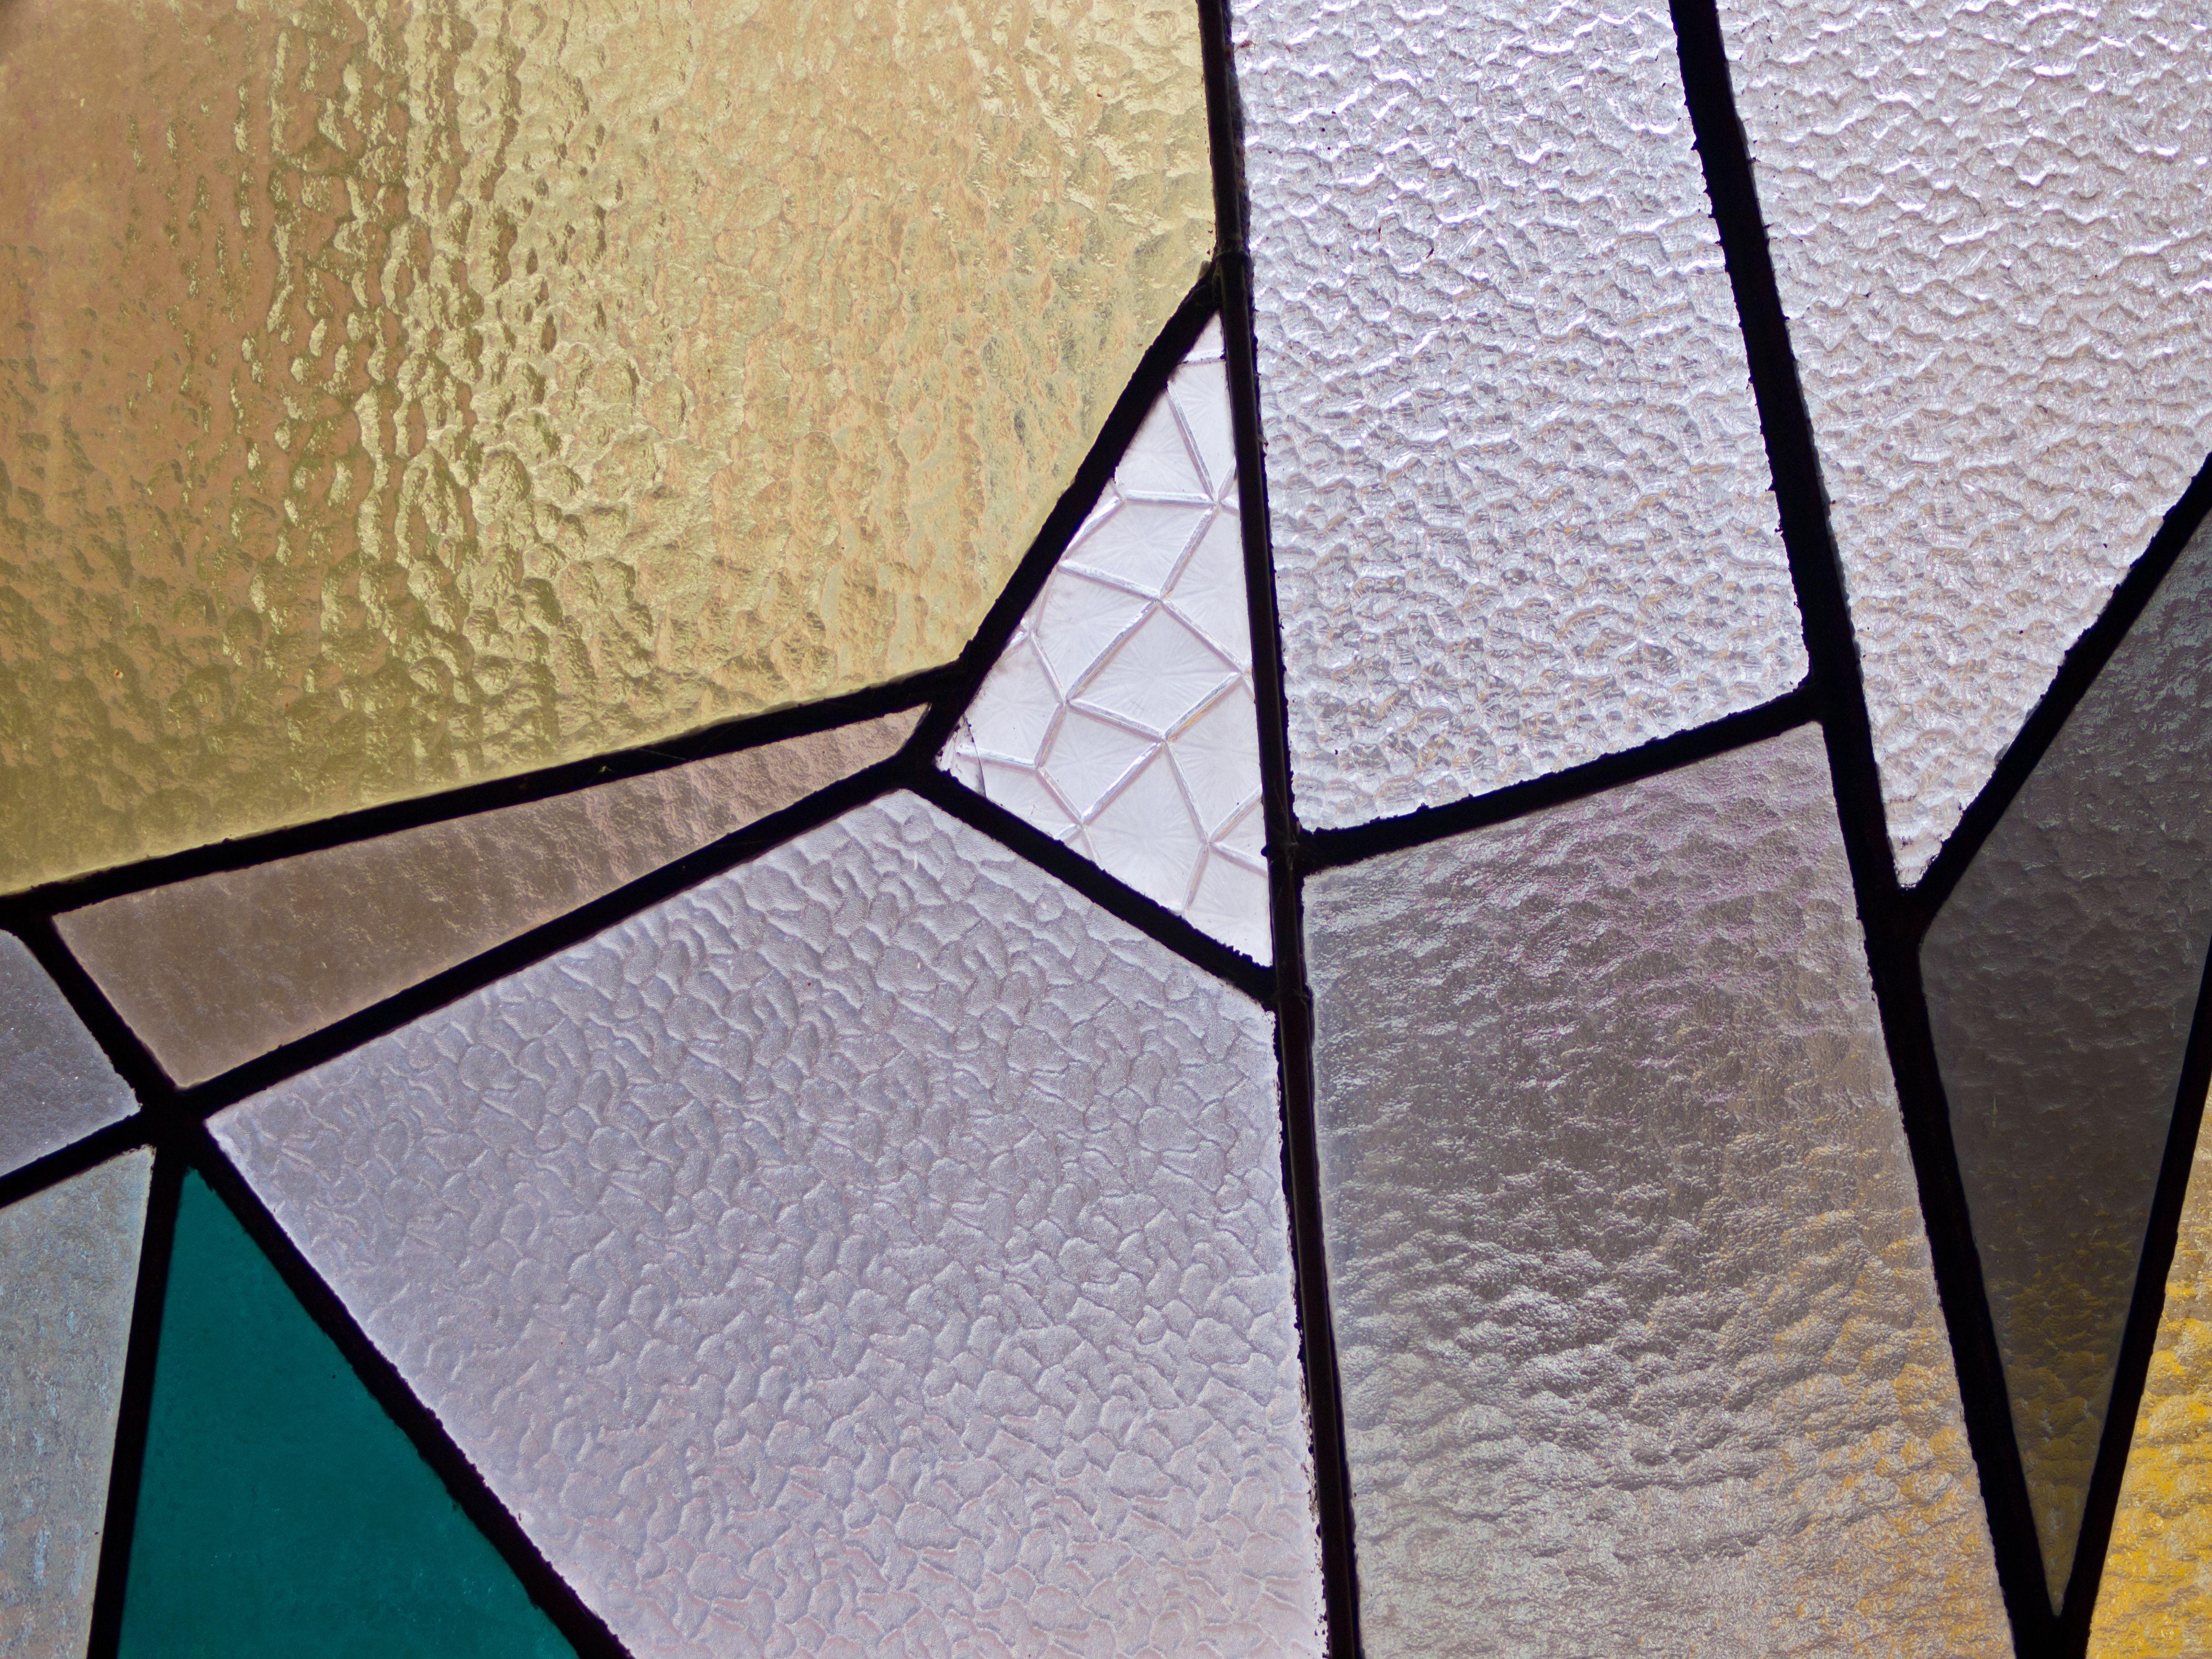 Diseños propios de vidrieras artísticas en Granada